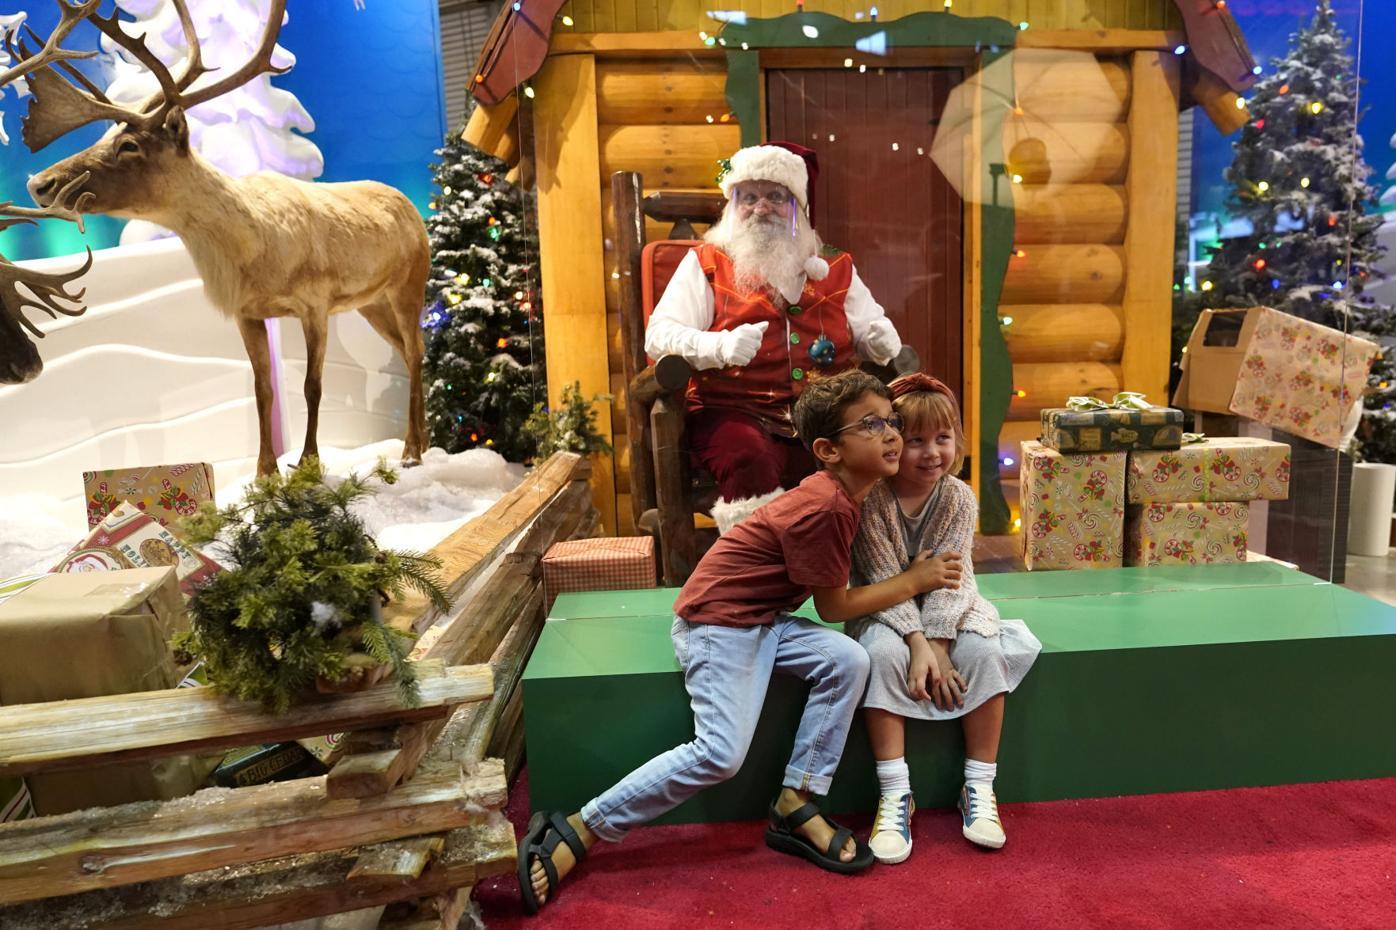 Virus Outbreak Santa Claus